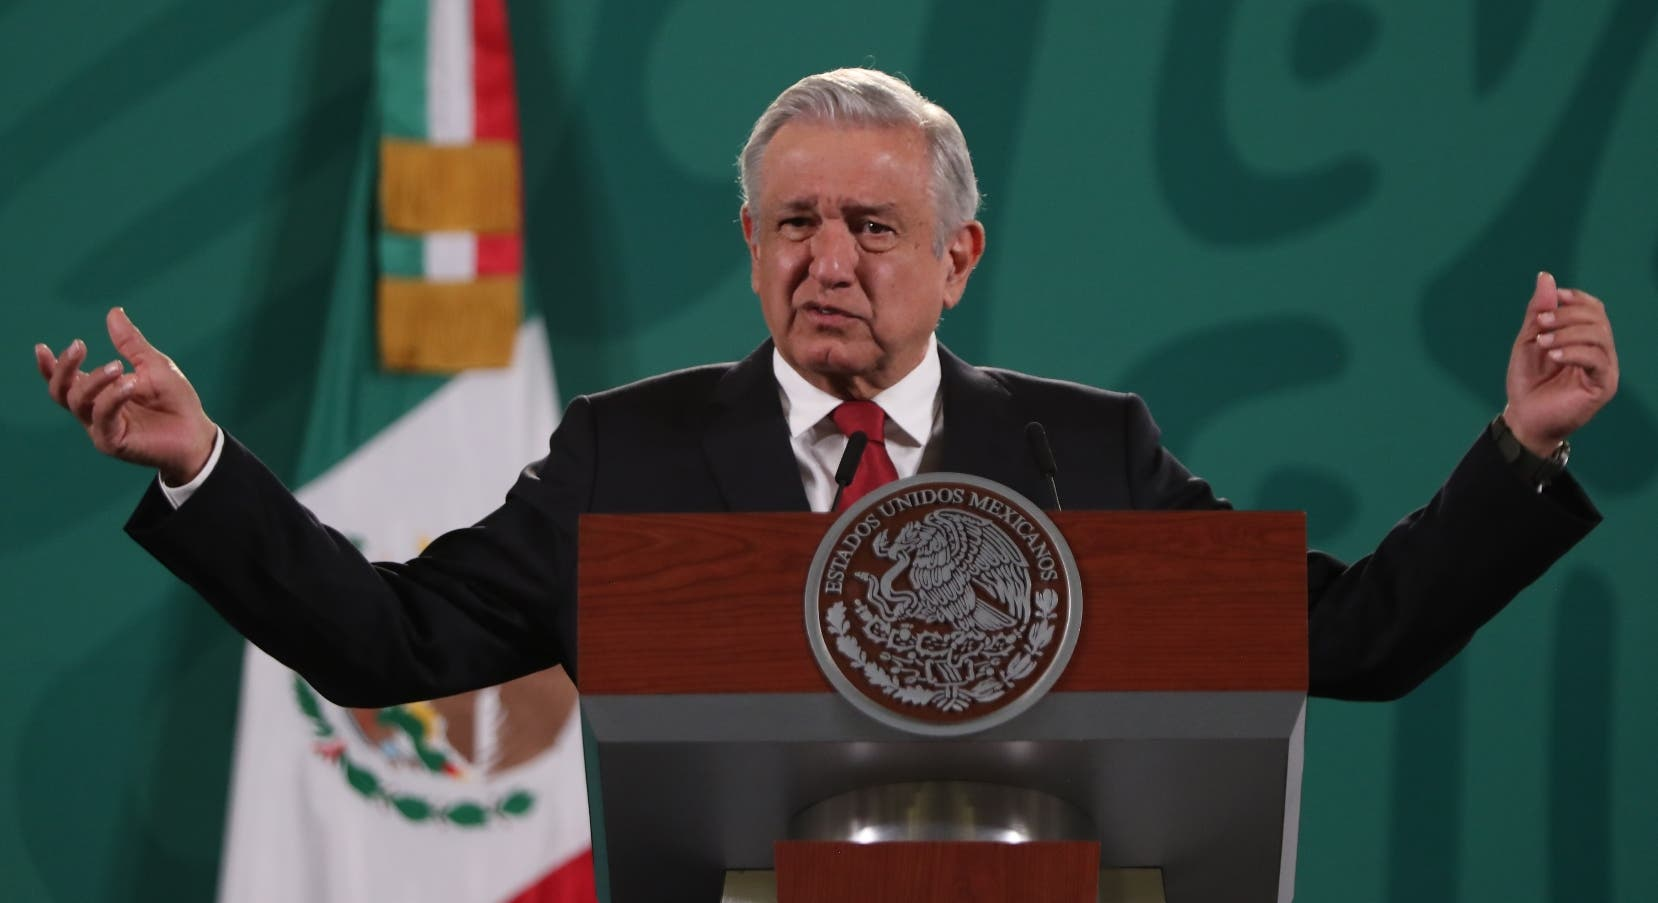 EEUU y México debaten sobre migración y apertura  frontera